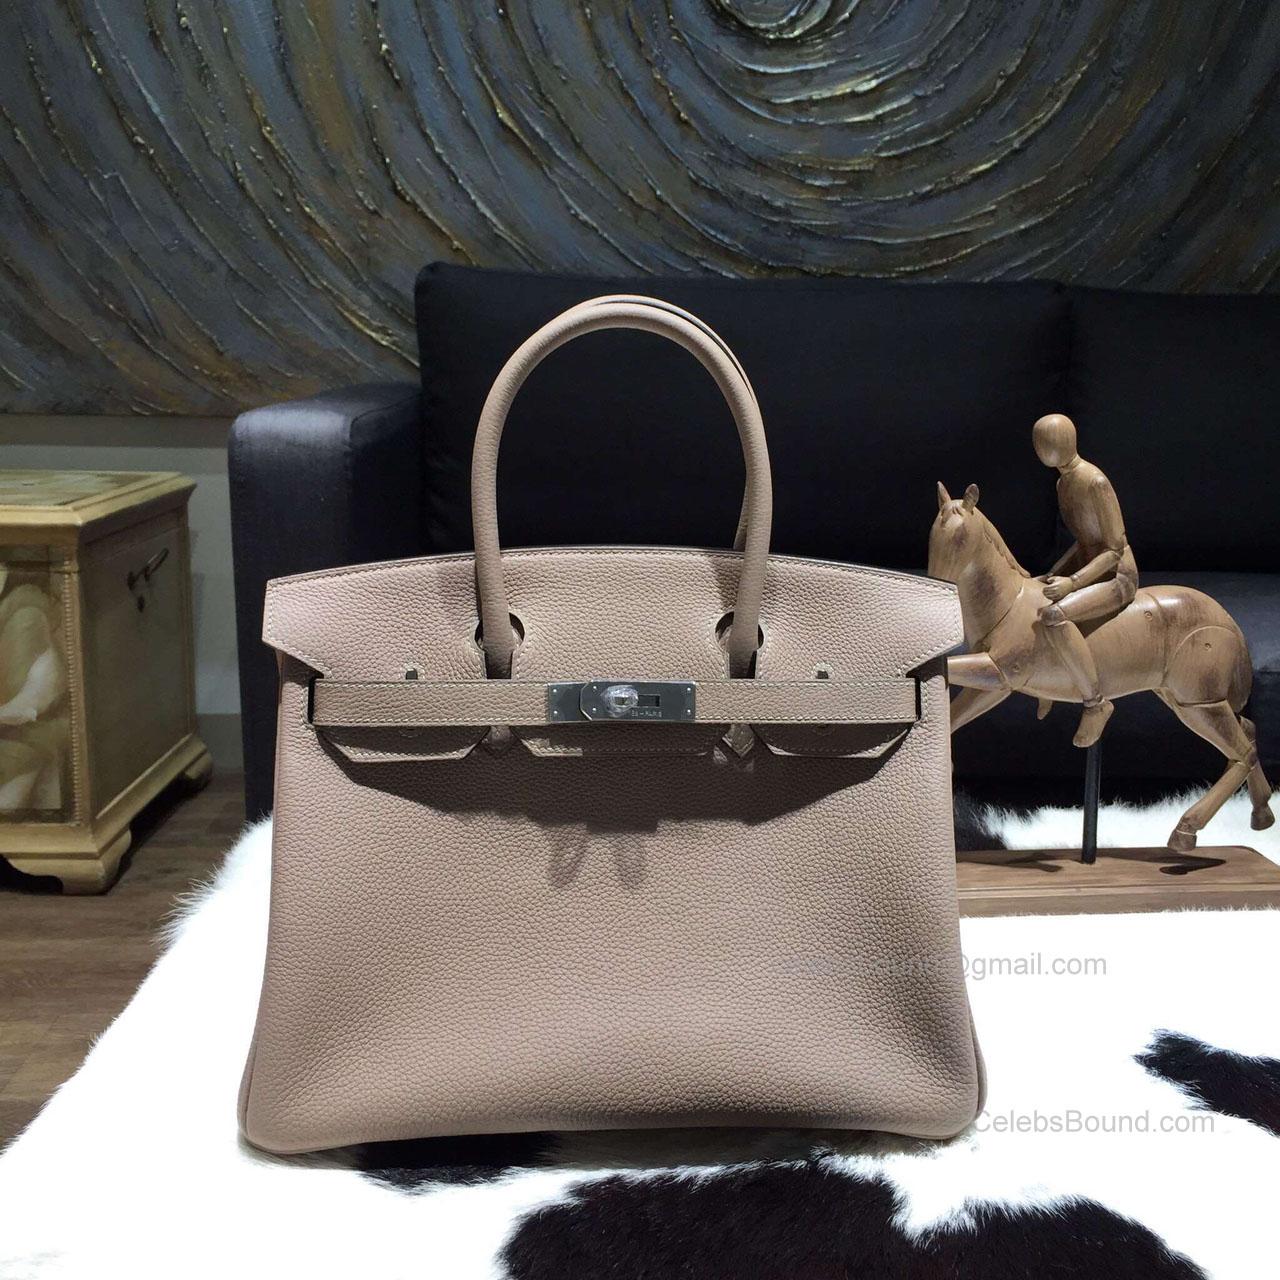 dc9b39a9ee54 Hermes Birkin 30 Bag Gris Tourterelle CK81 Togo Leather Handstitched Silver  hw